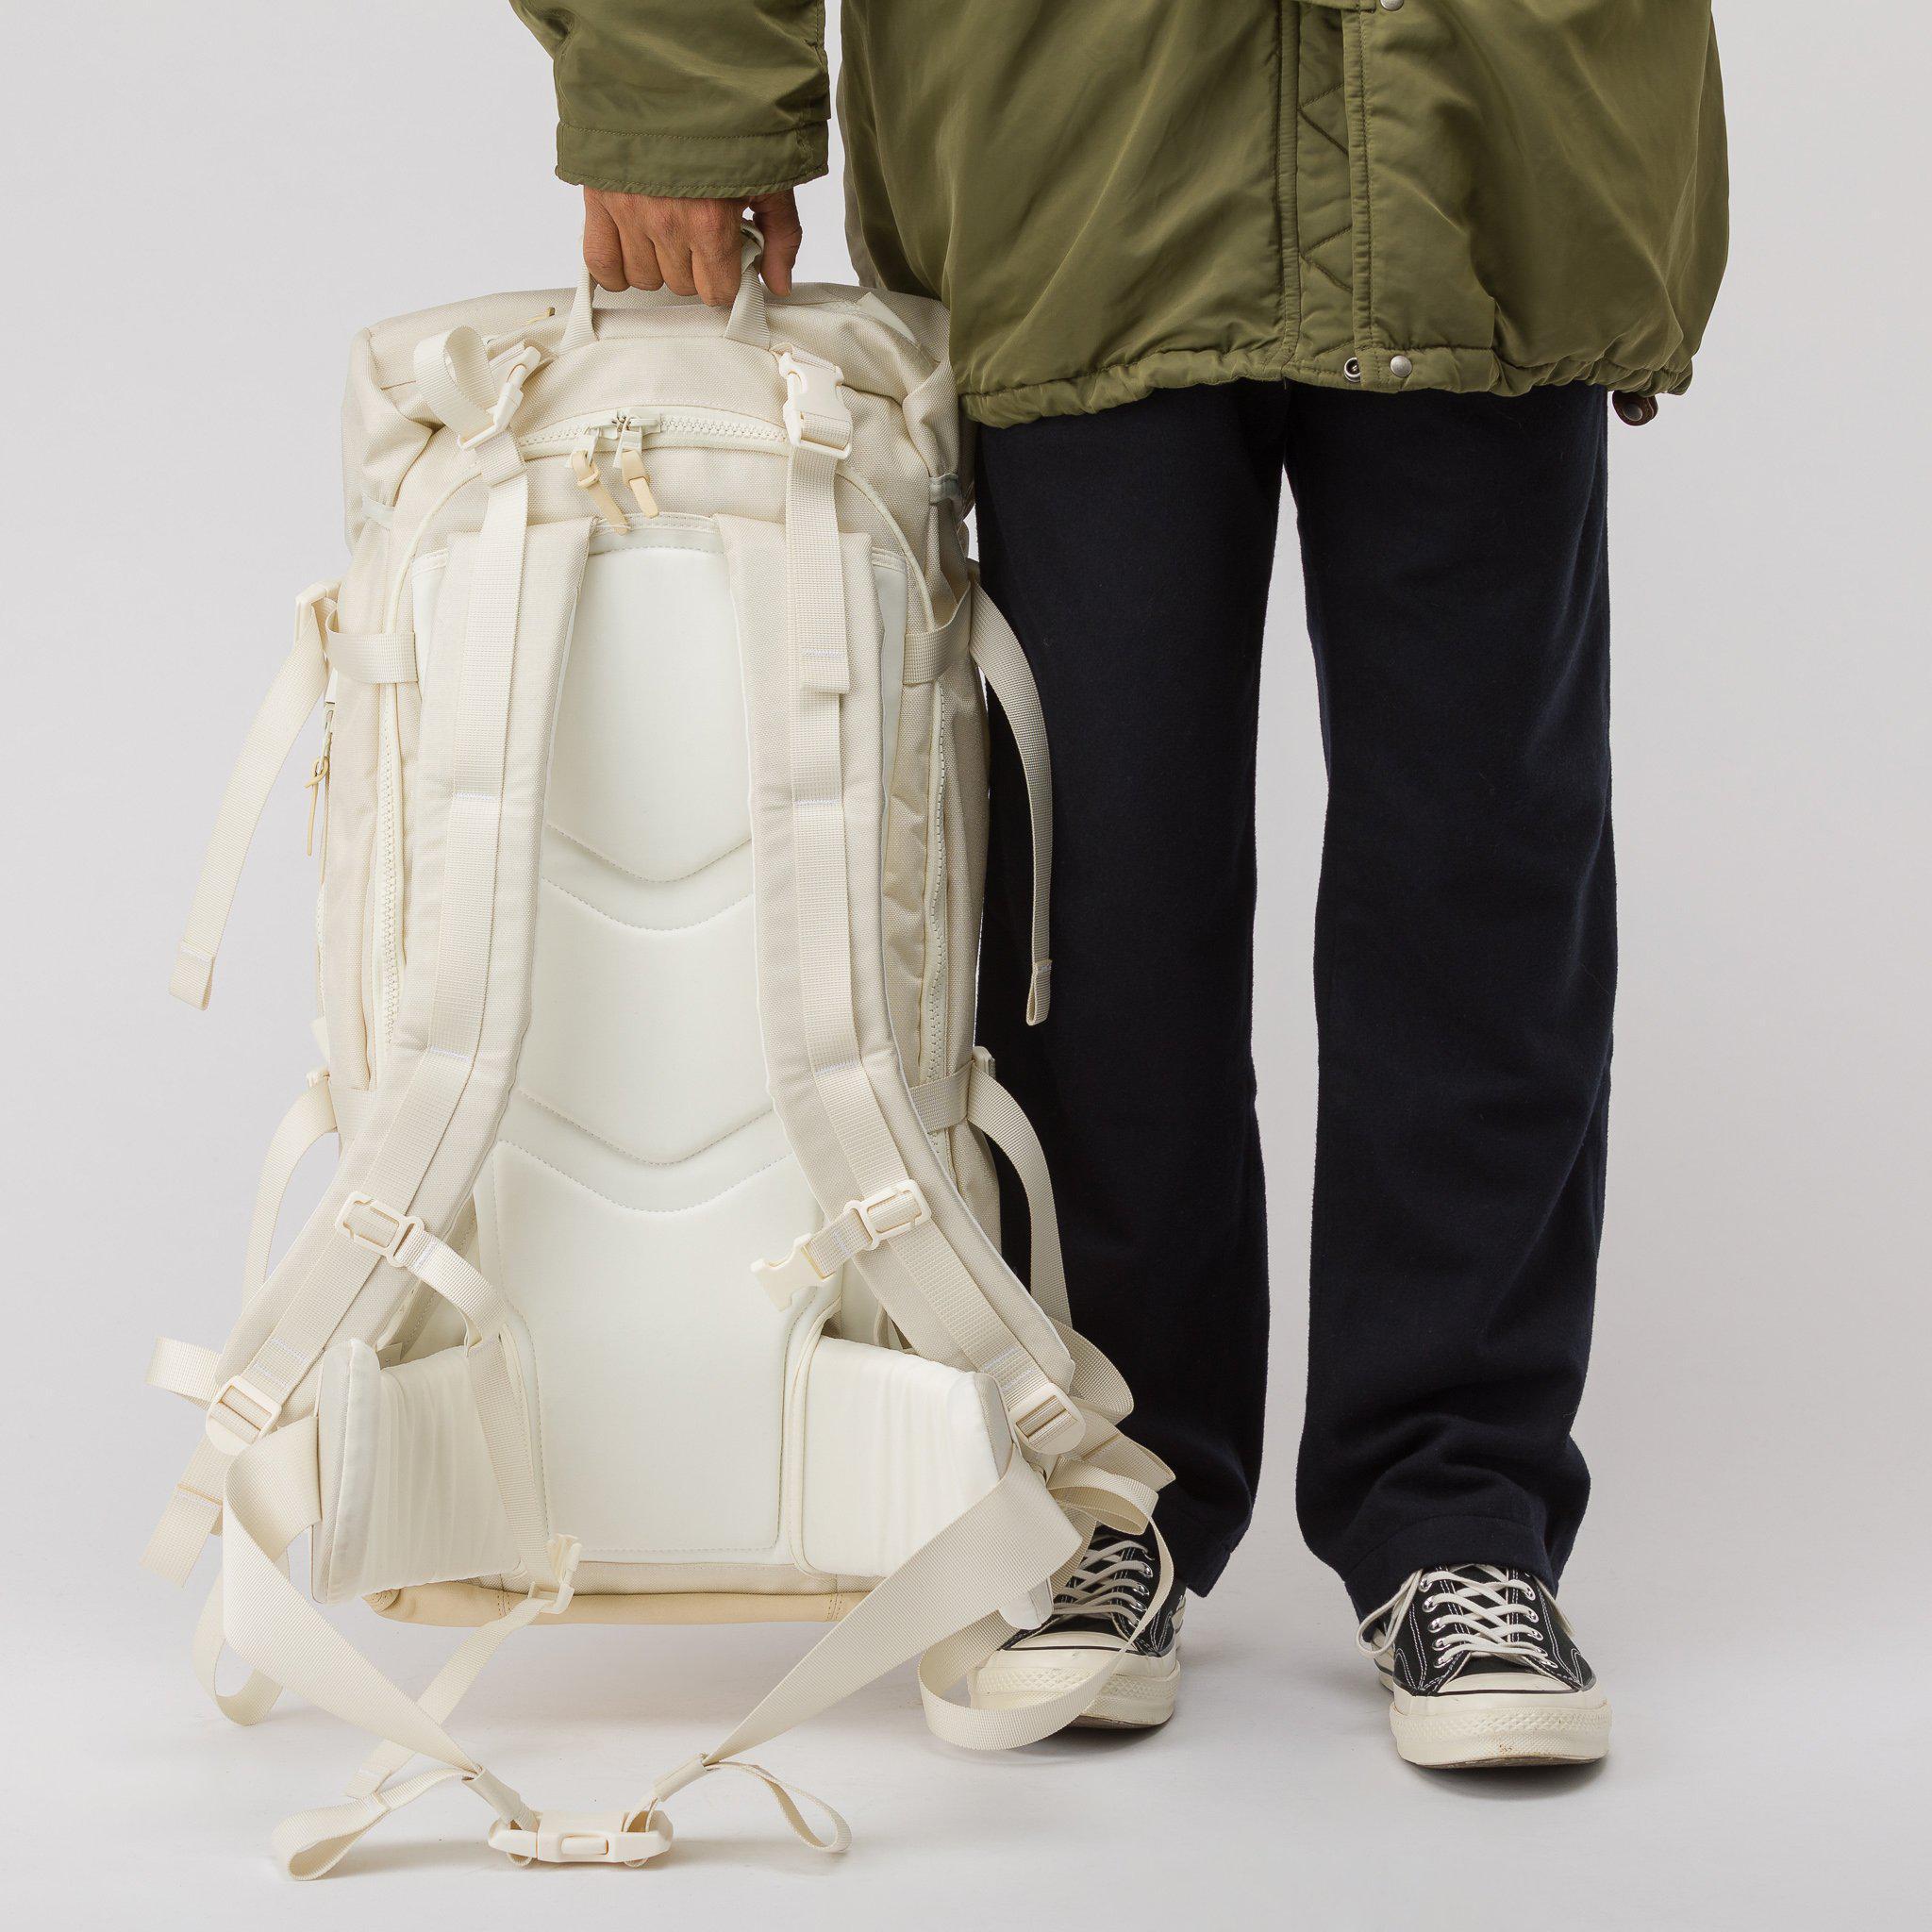 75e659870c6 Lyst - Visvim Cordura 55l Backpack for Men